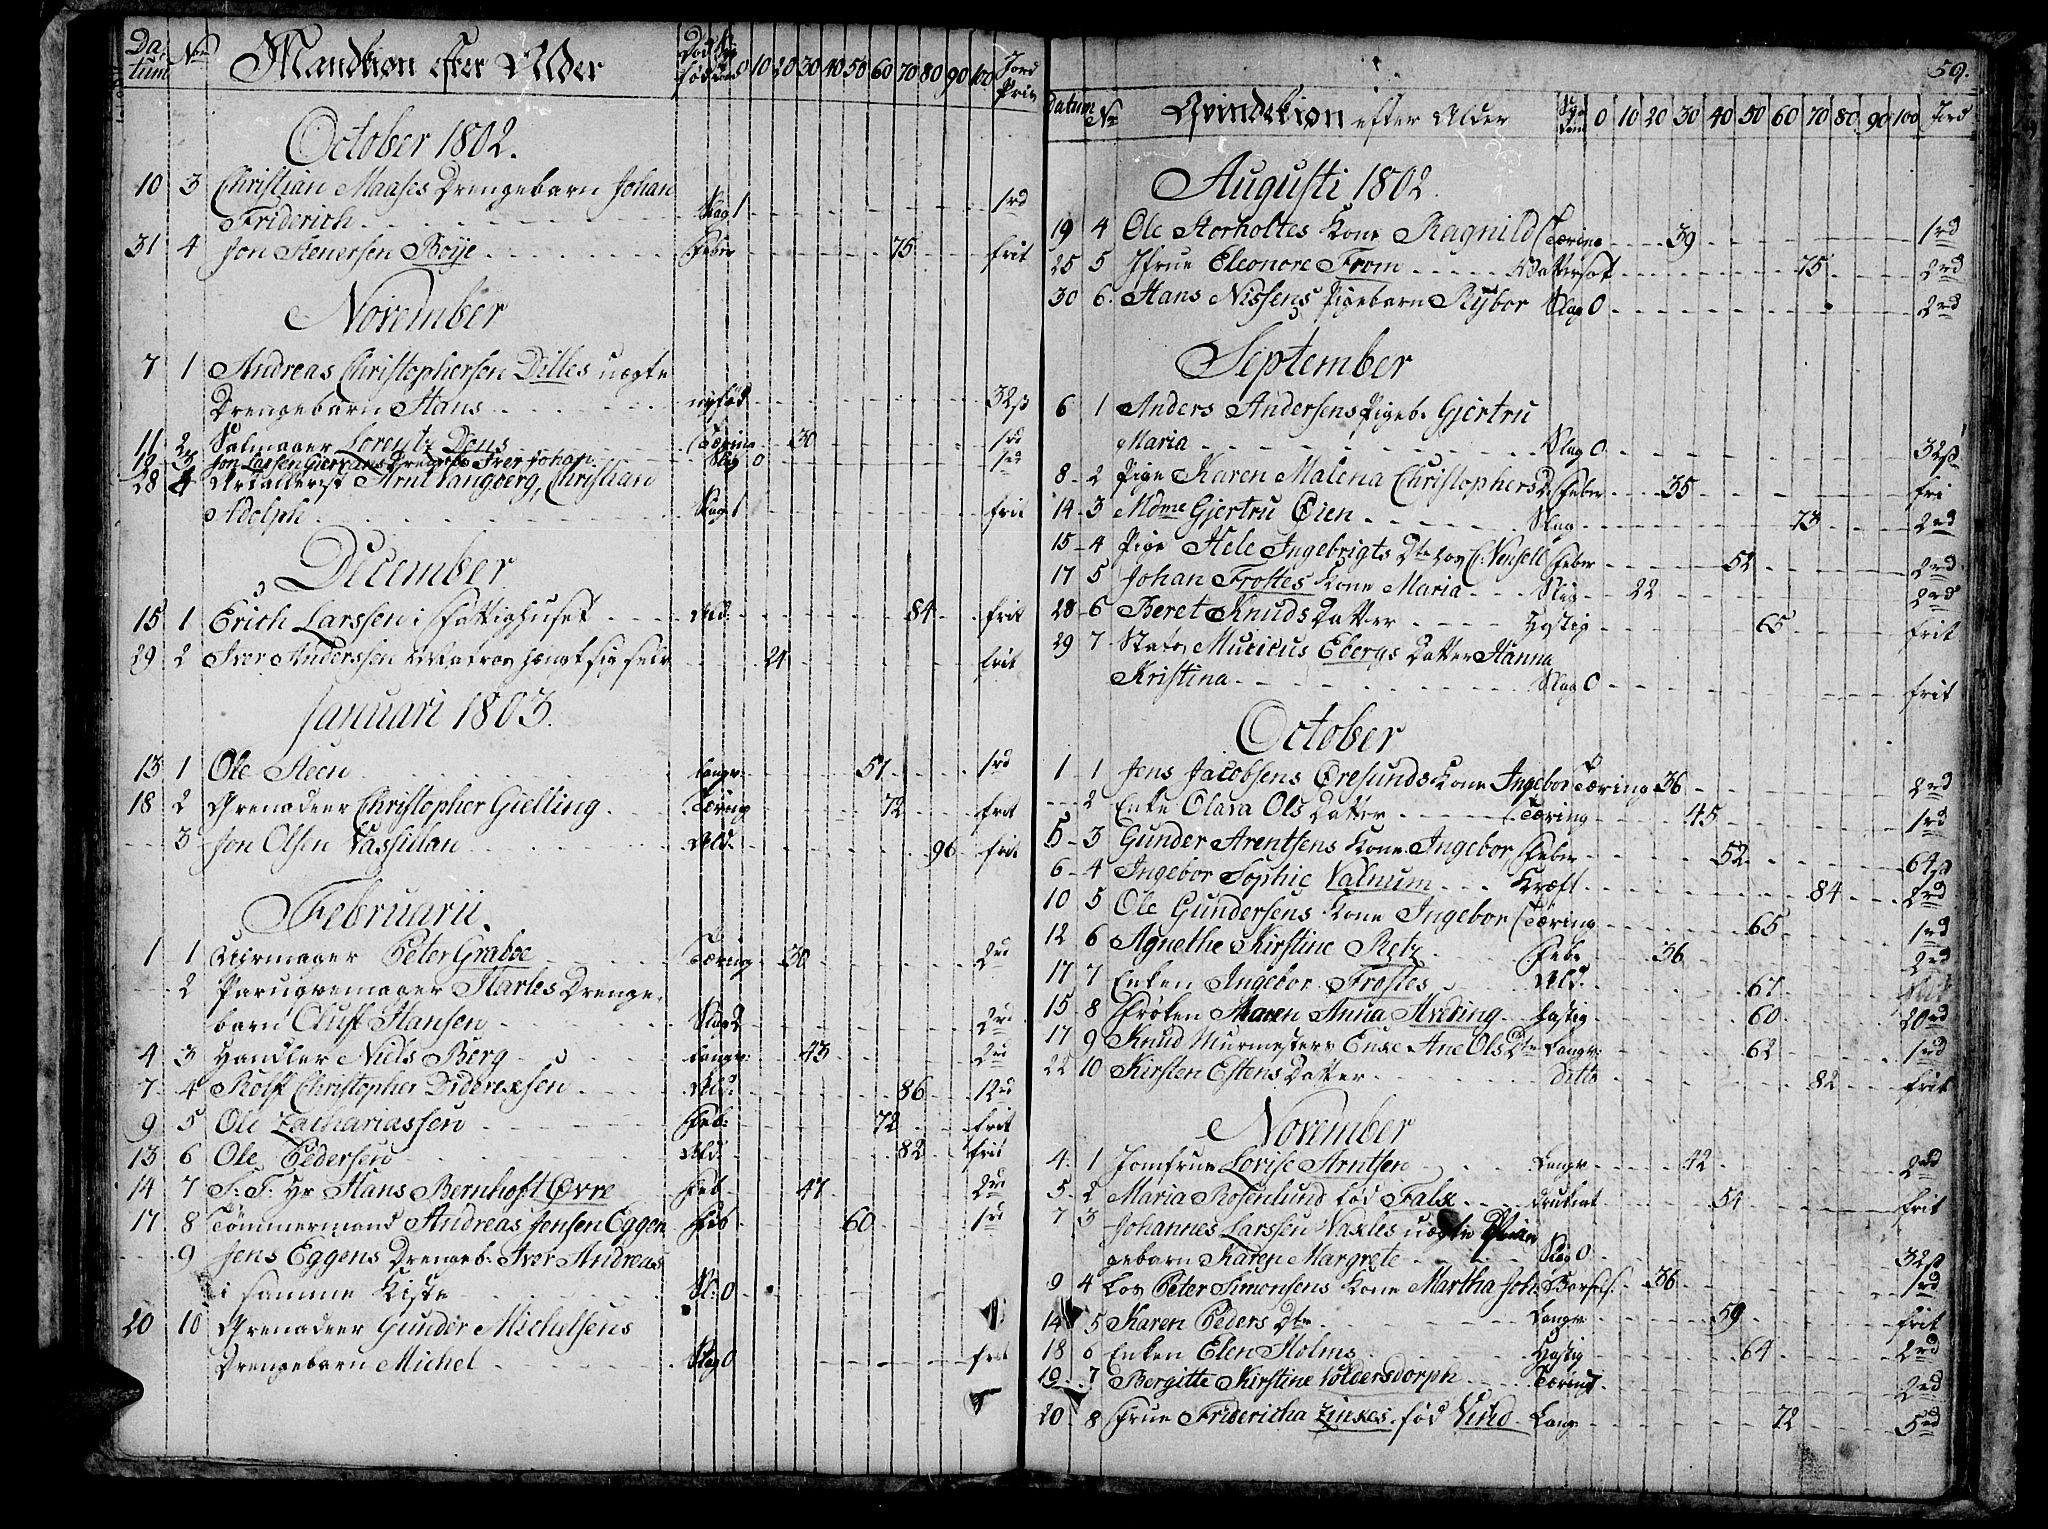 SAT, Ministerialprotokoller, klokkerbøker og fødselsregistre - Sør-Trøndelag, 601/L0040: Ministerialbok nr. 601A08, 1783-1818, s. 59